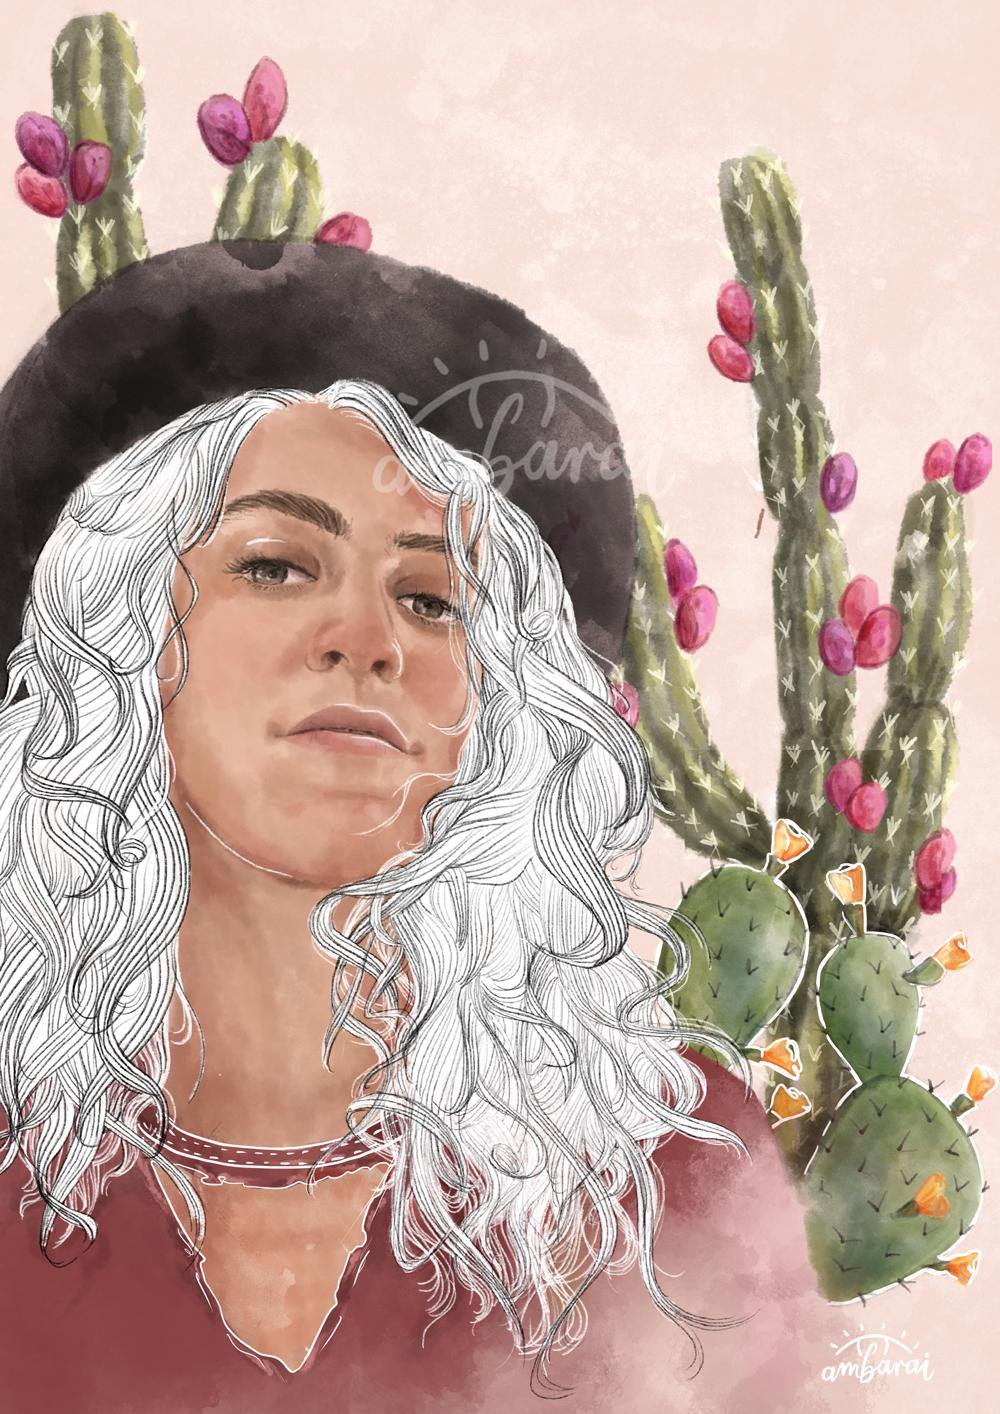 Ilustración. Chica con cactus de fondo.